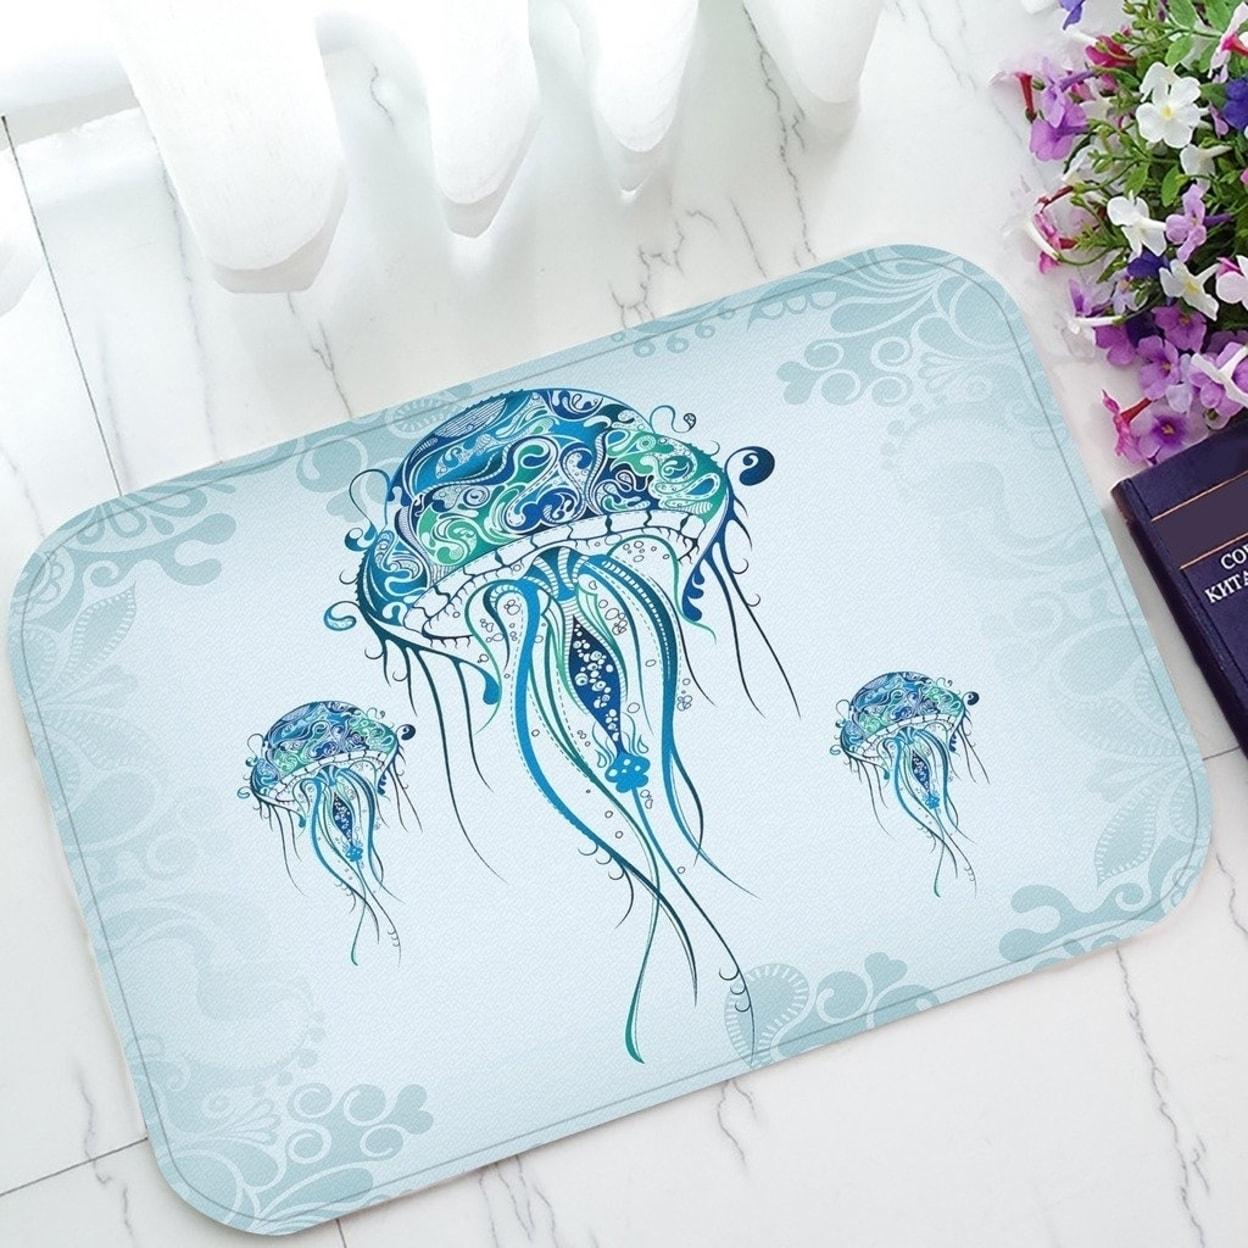 Jellyfish In The Blue Ocean Non Slip Doormat Indoor Outdoor Bathroom Doormat 23 6 X 15 7 Inches Multi Overstock 32350565